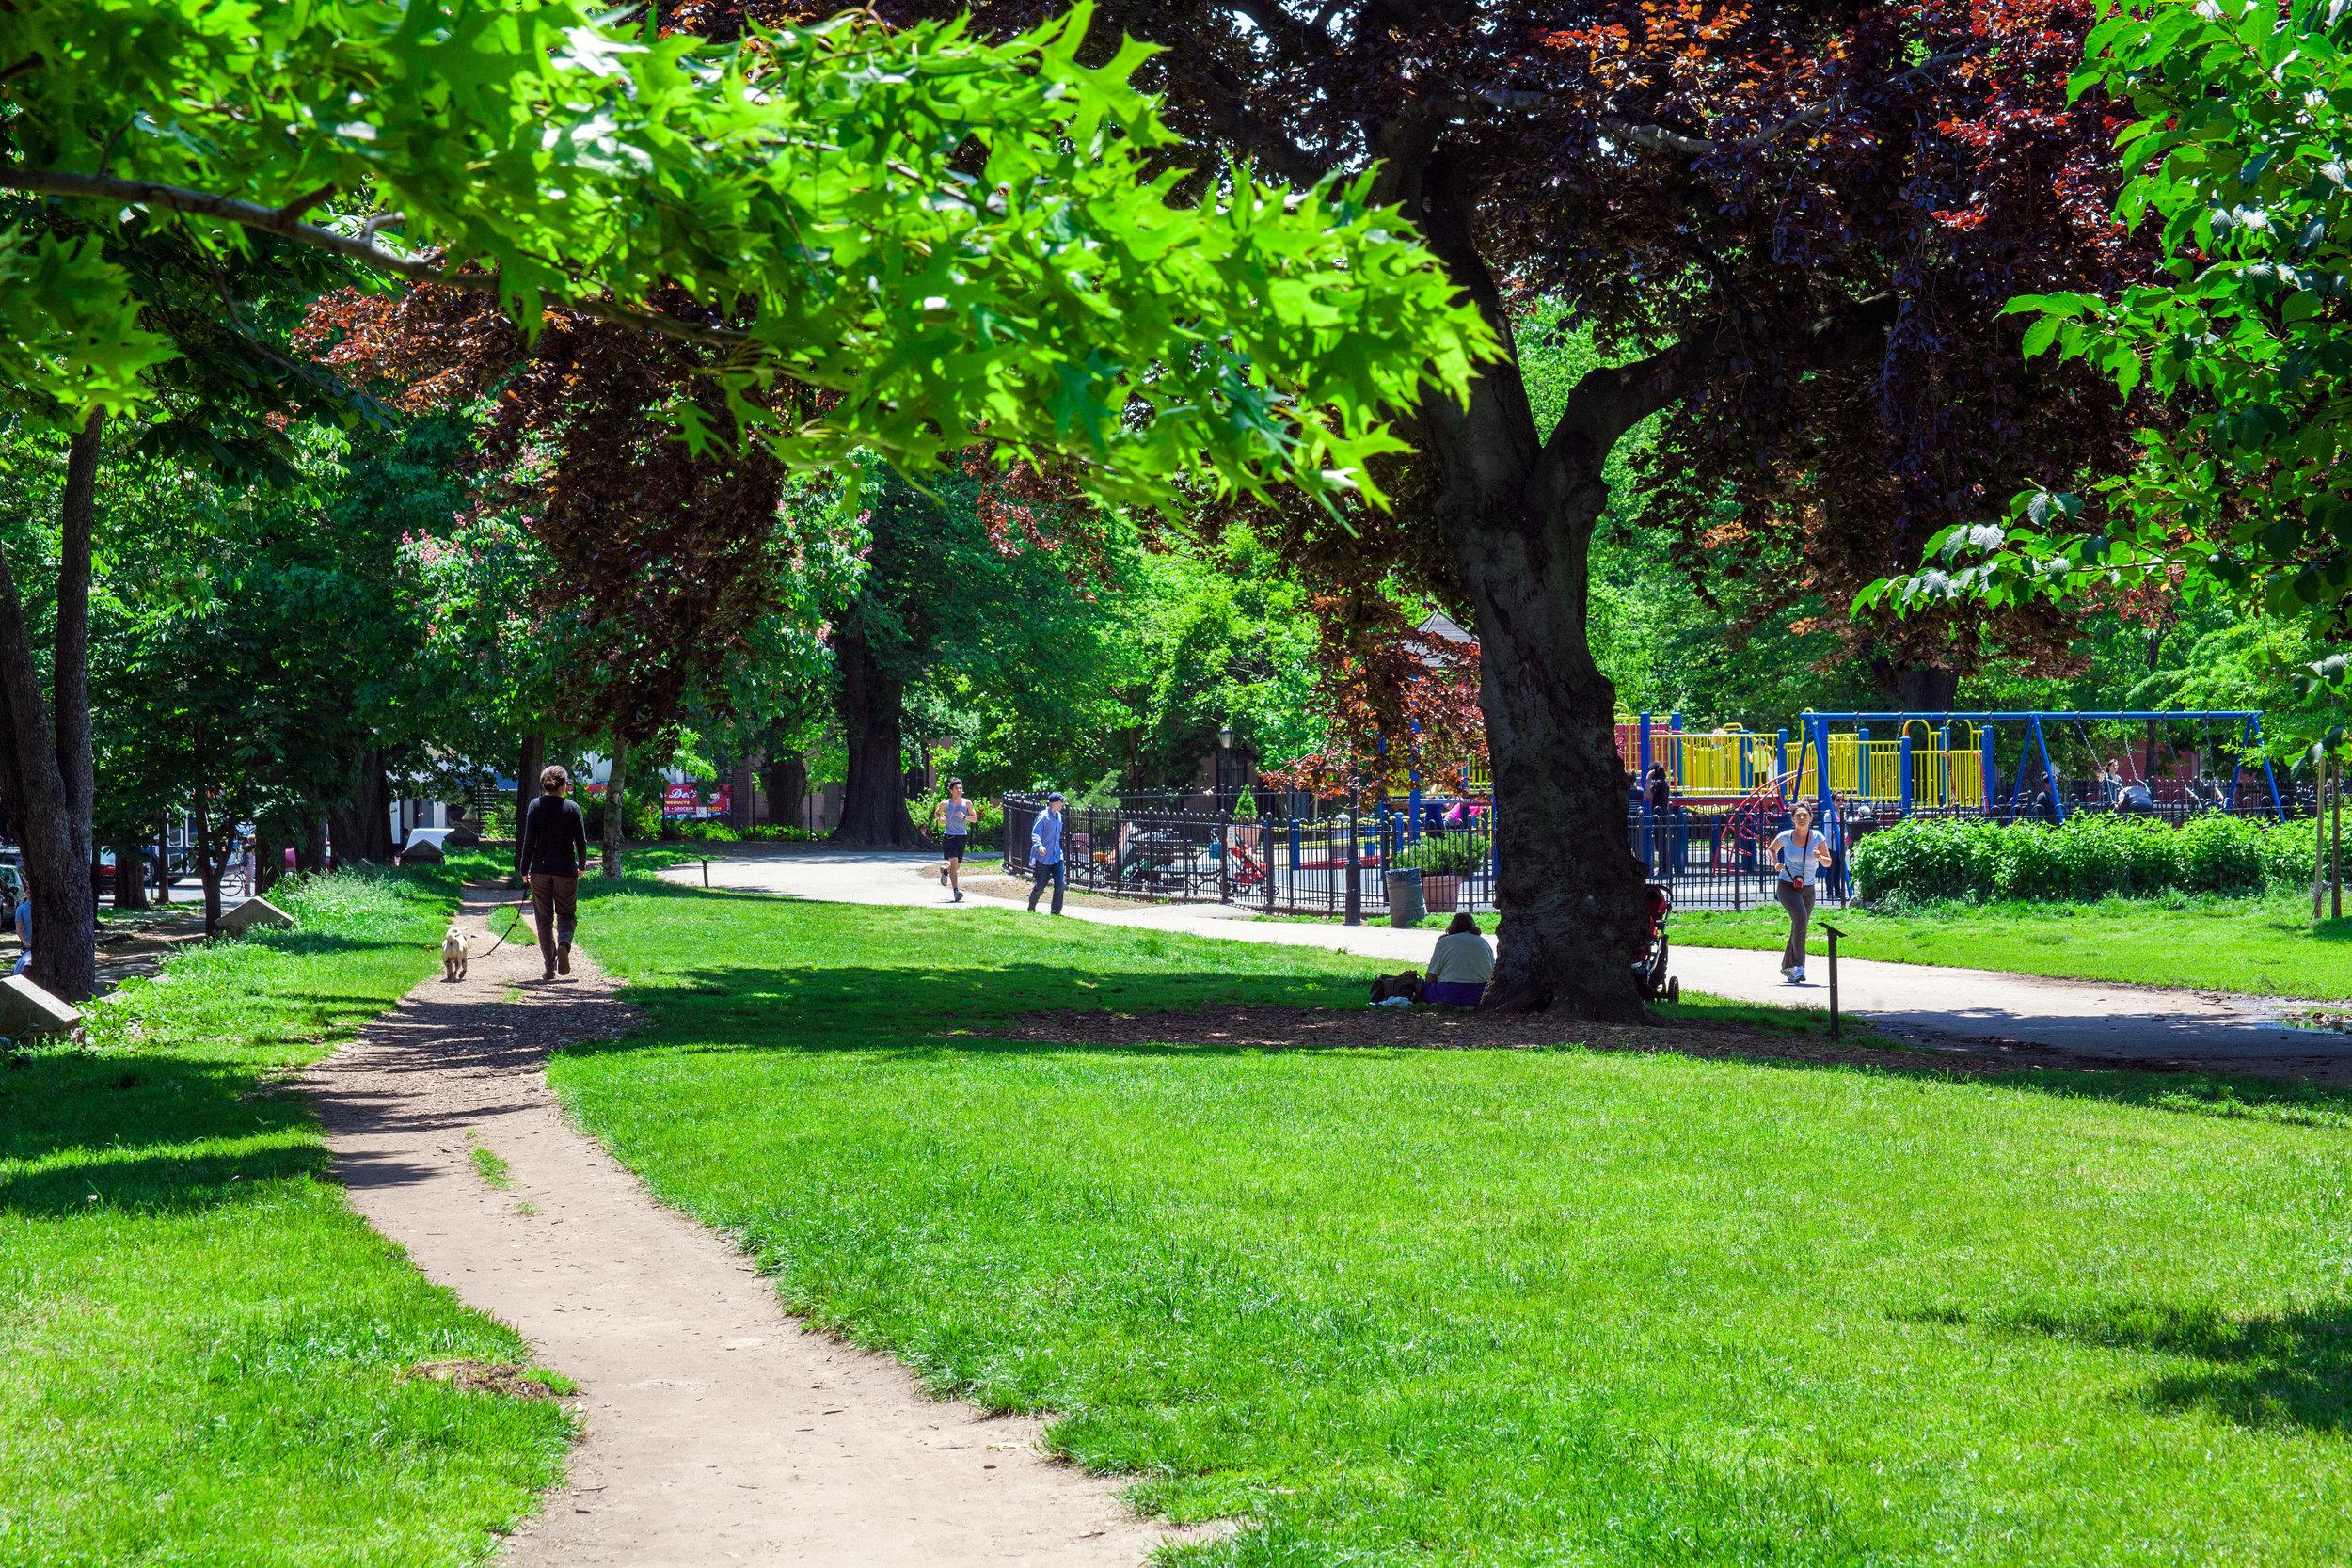 LSNY_Fort_Greene_Park-19.jpg